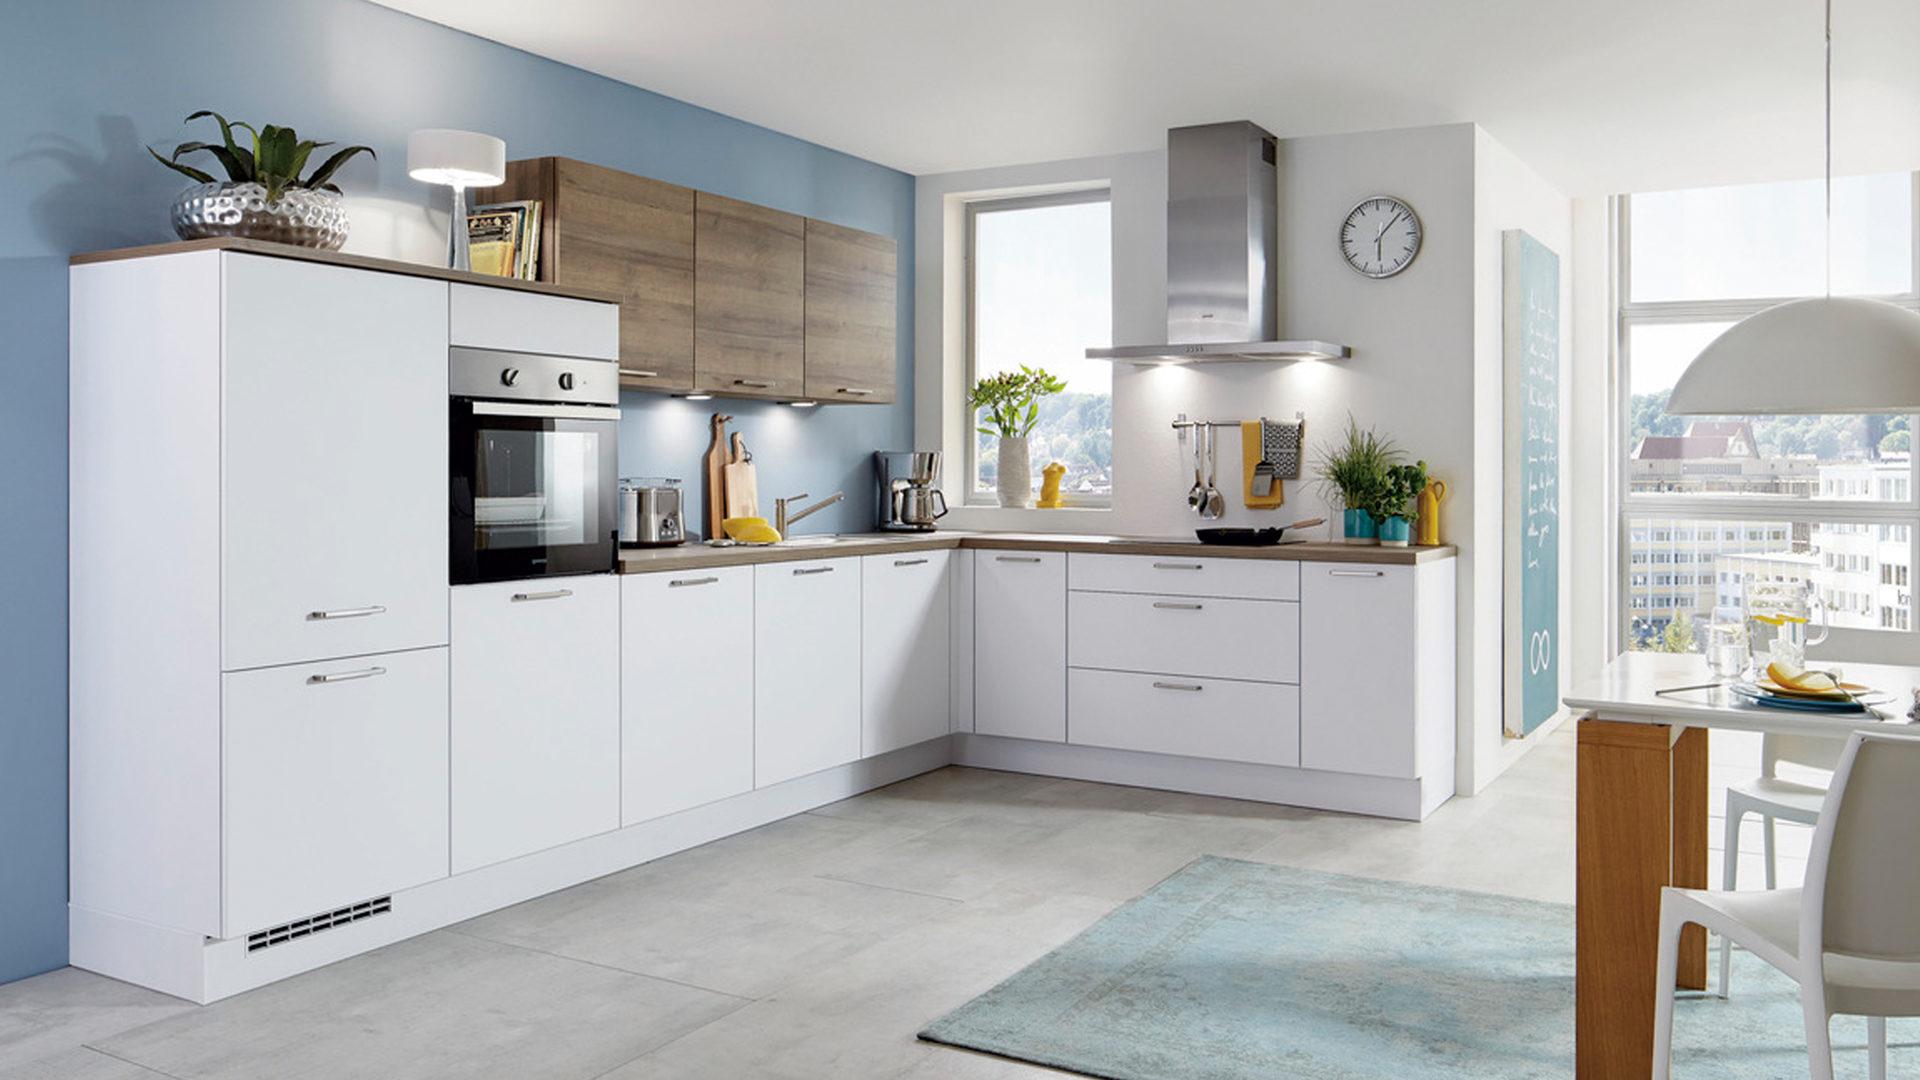 Hertel Möbel Gesees | Möbel A-Z | Küchen | Einbauküchen ...